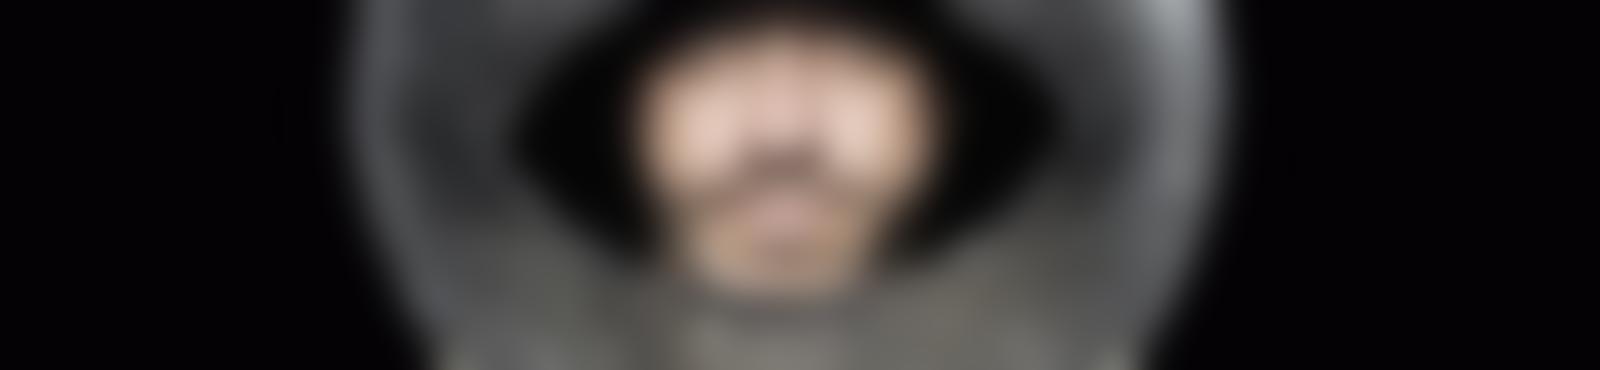 Blurred d4e256a6 b29f 4fd3 8398 5693dd3b32f3